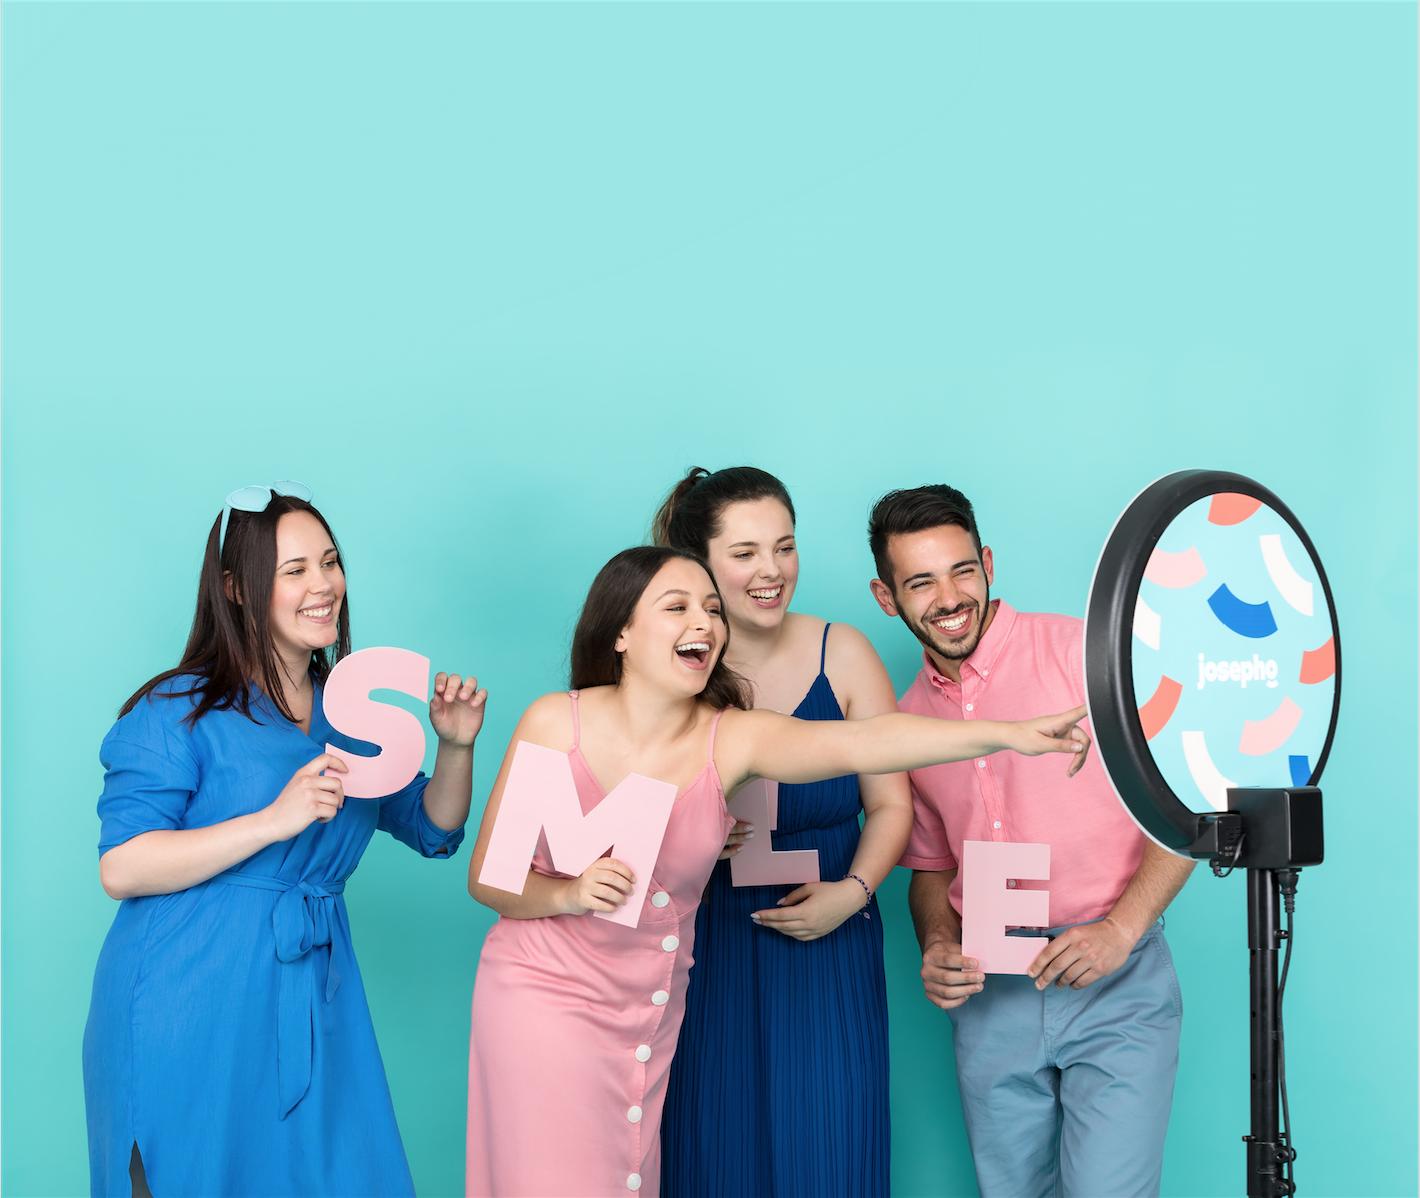 """Quatre amis se prennent en photo devant le photobooth en rigolant et en tenant chacun une lettre pour créer le mot """"Smile""""."""